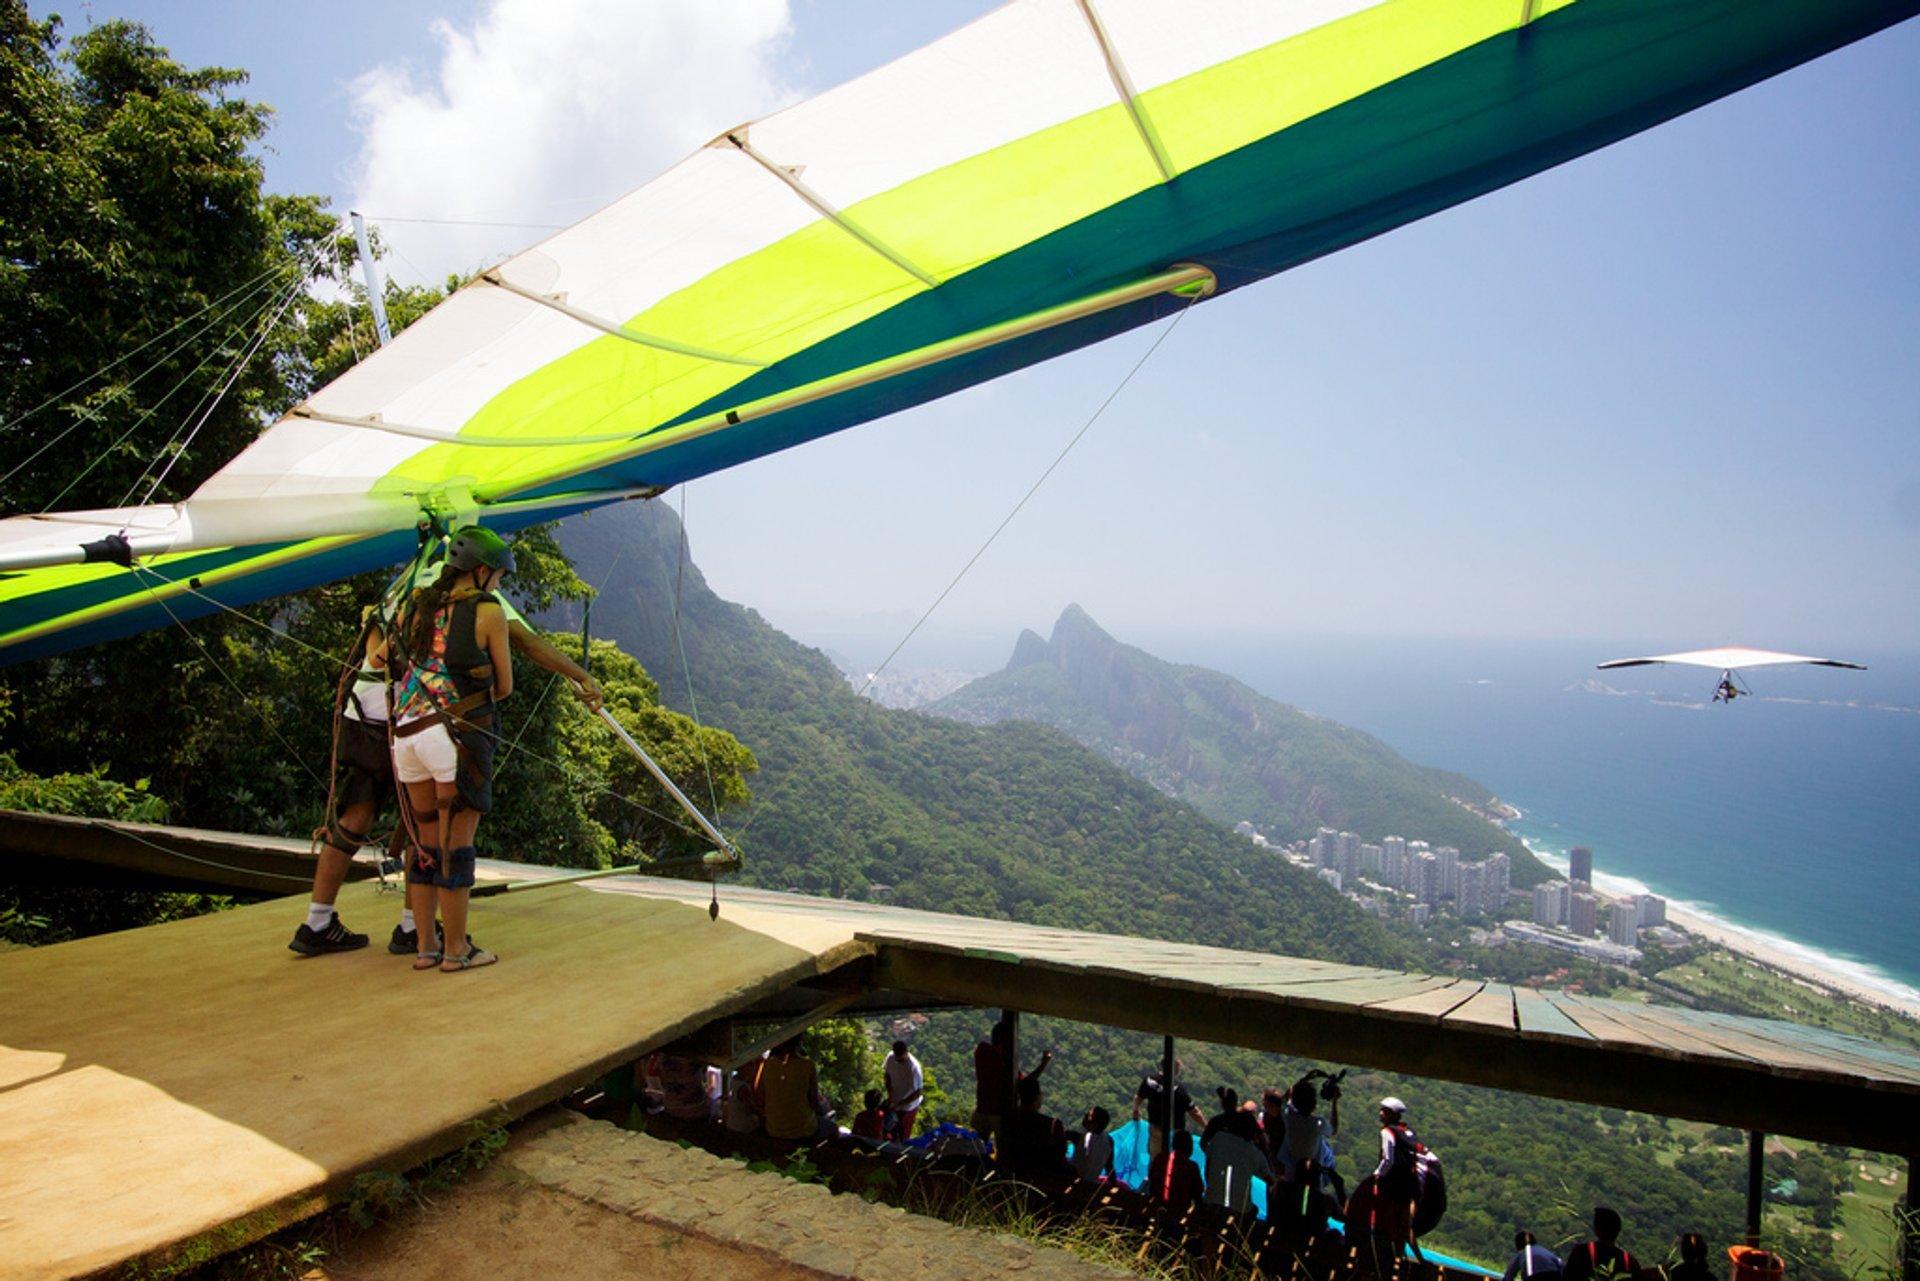 Hang Gliding in Rio de Janeiro 2019 - Best Time